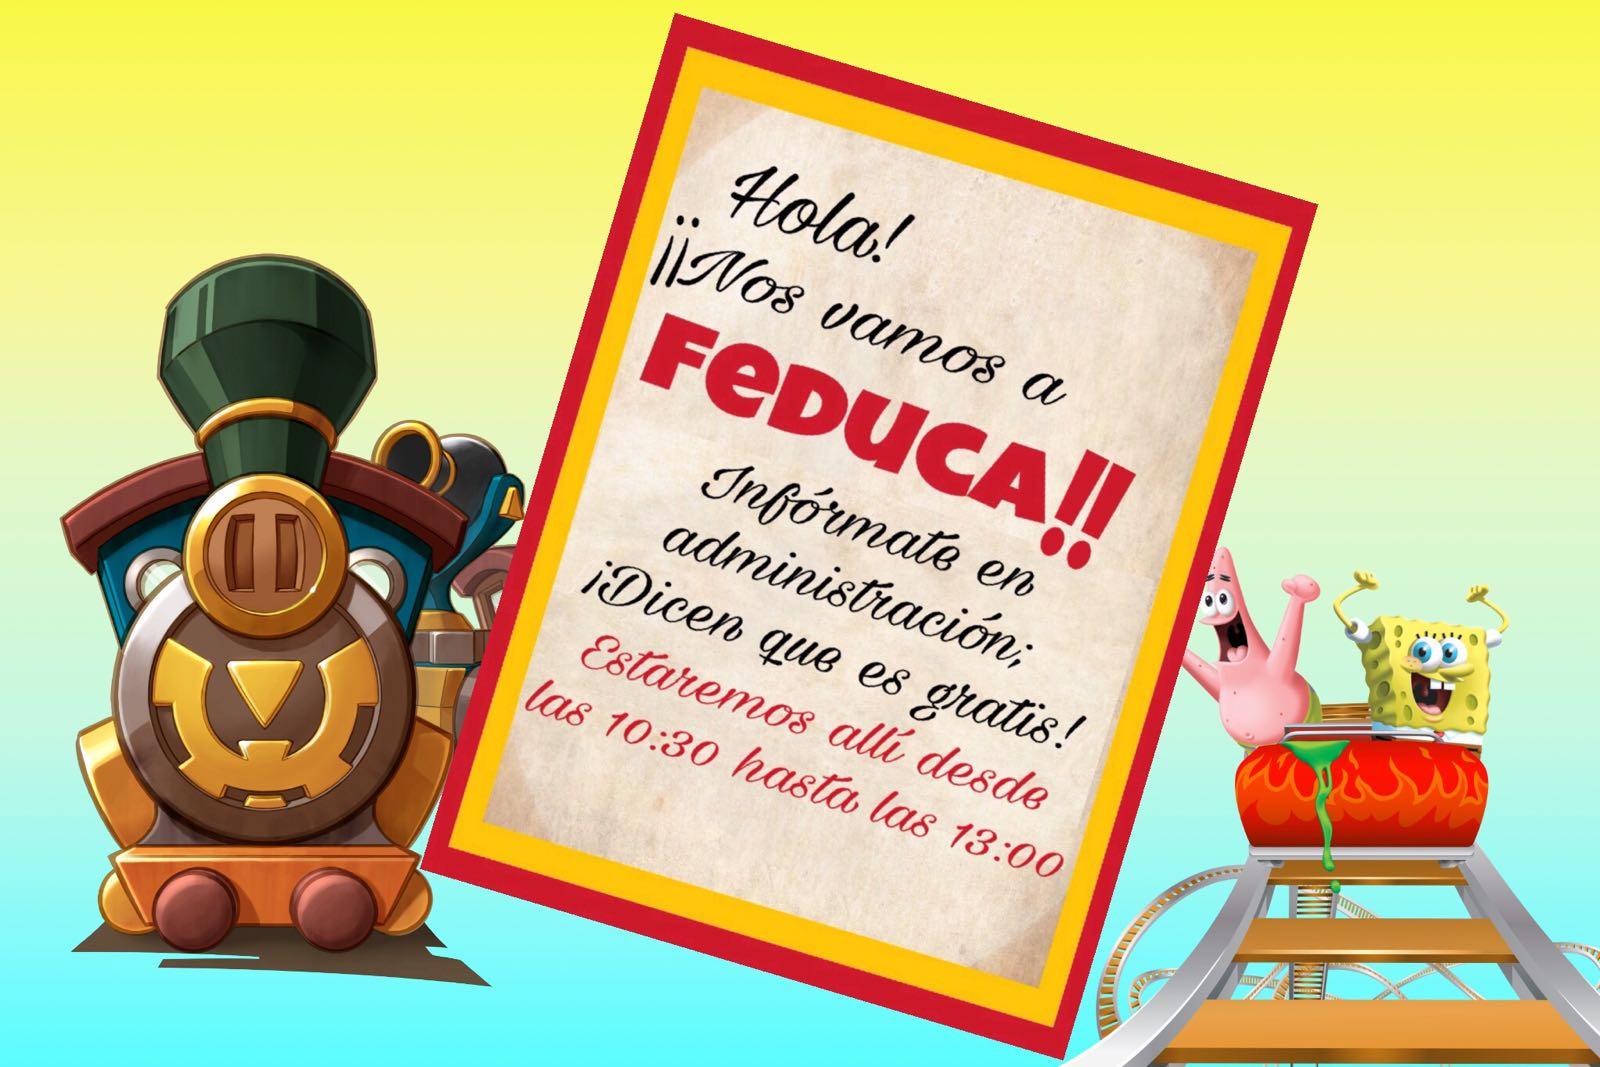 El 29 de diciembre ven gratis a FEDUCA